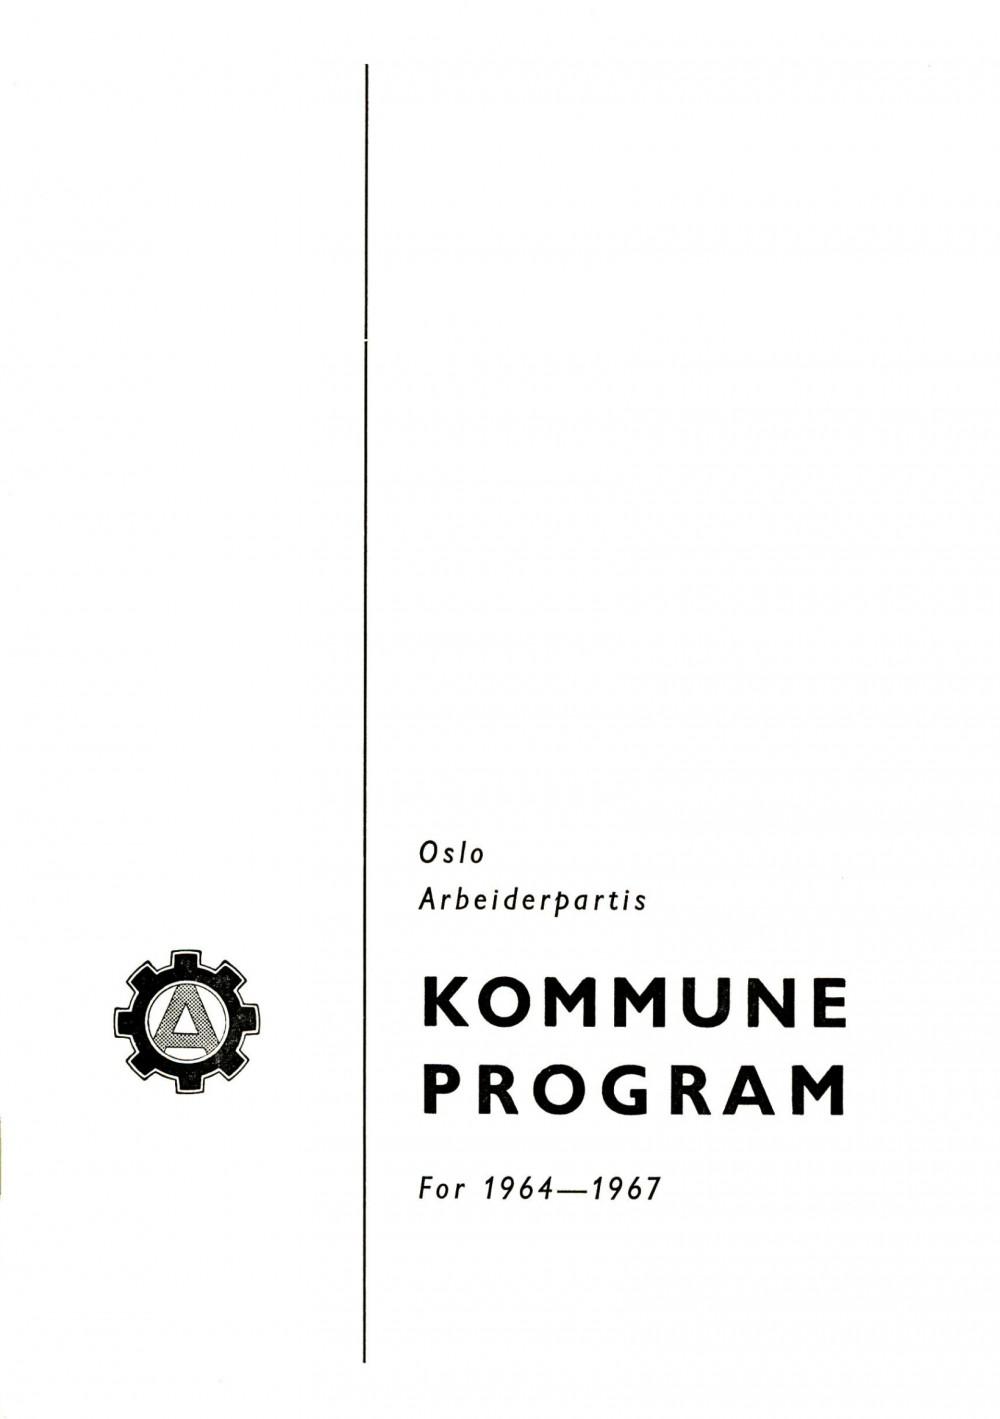 Oslo Arbeiderpartis kommuneprogram for 1964-1967